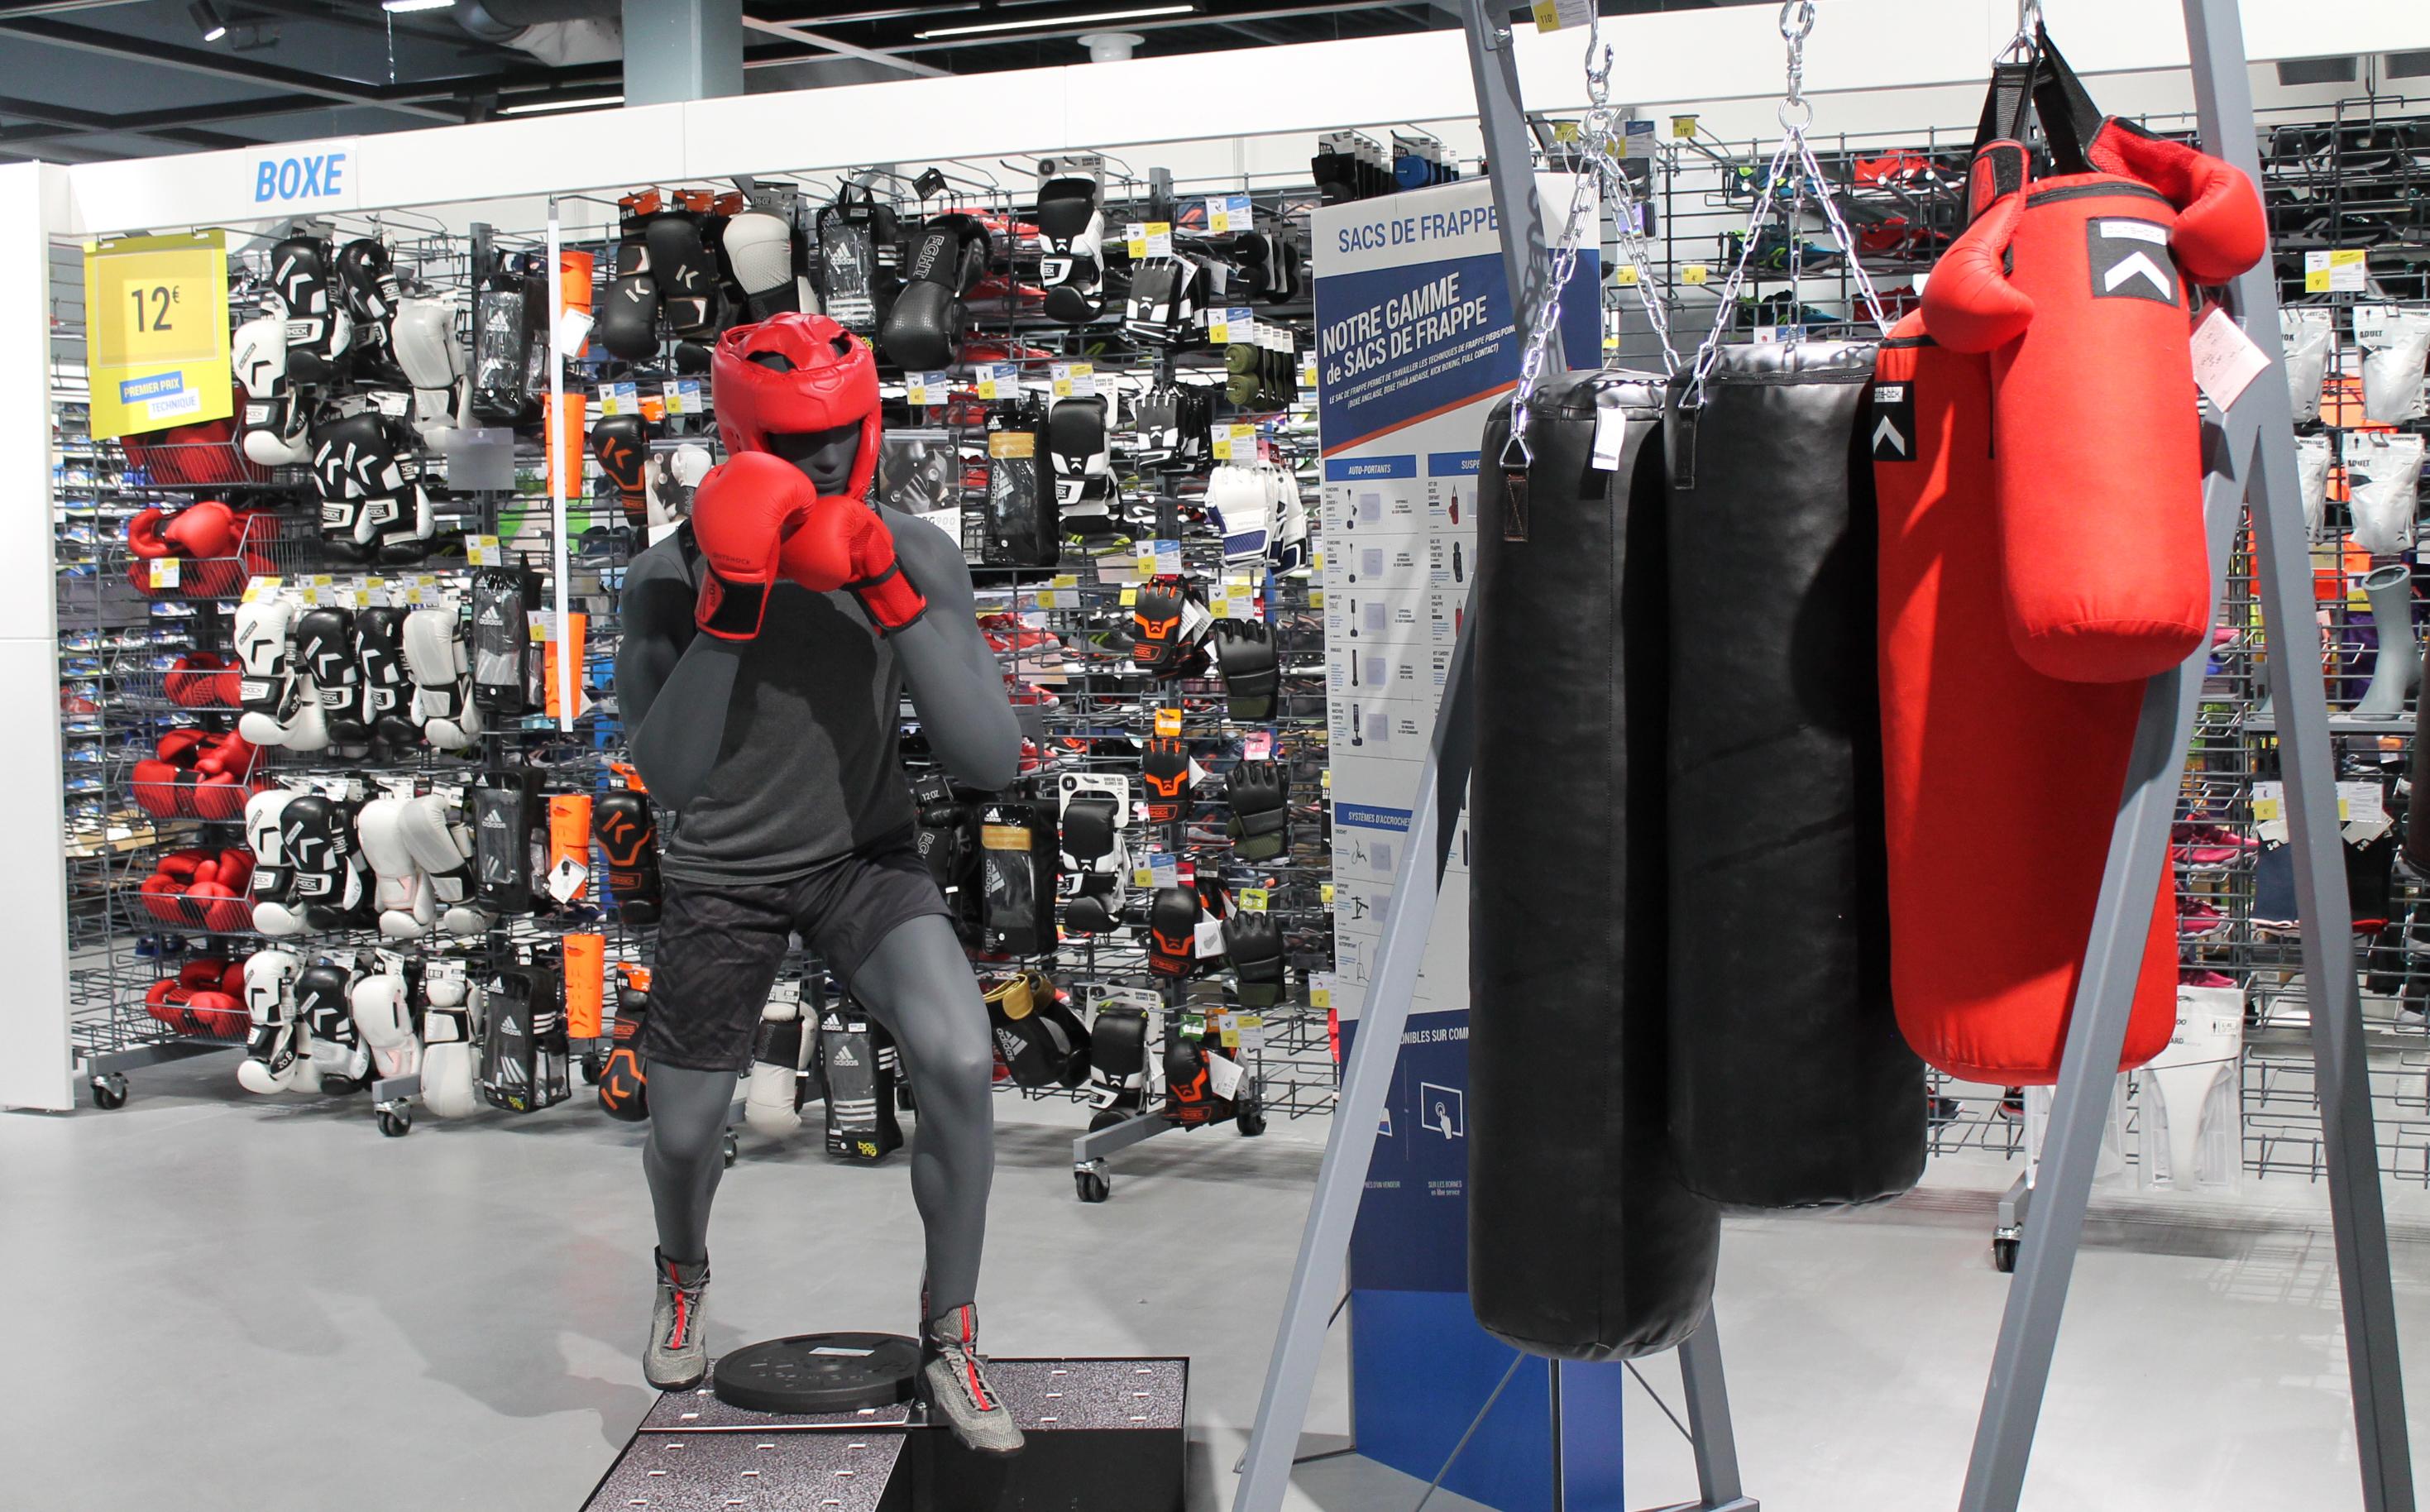 2aa6d6fc1b 45 sports sont présentés dans le magasin. L'arrivée de Decathlon ...